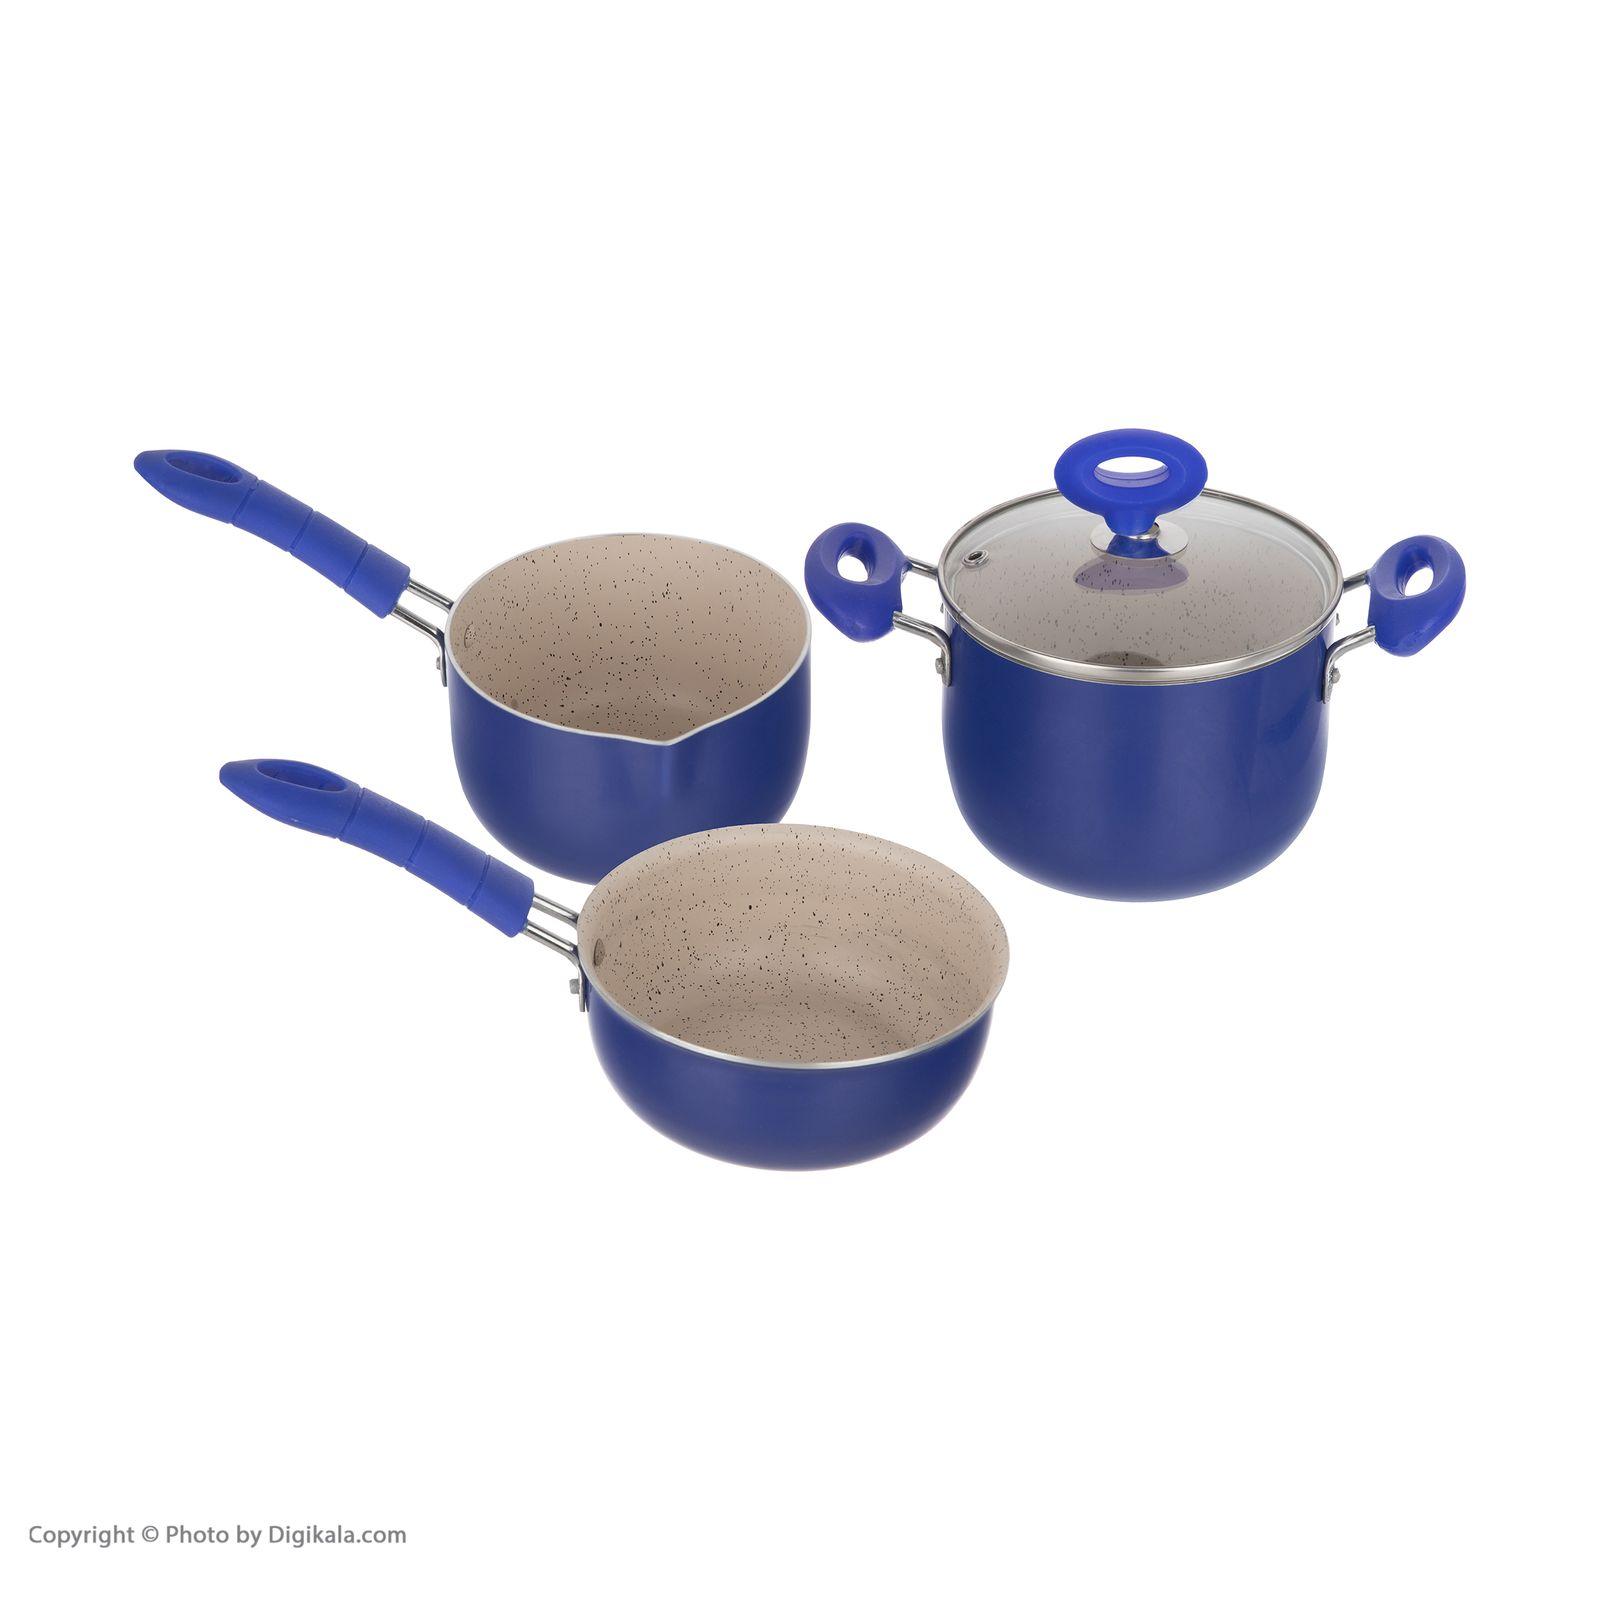 سرویس پخت و پز 4 پارچه نالینو مدل K172 main 1 1